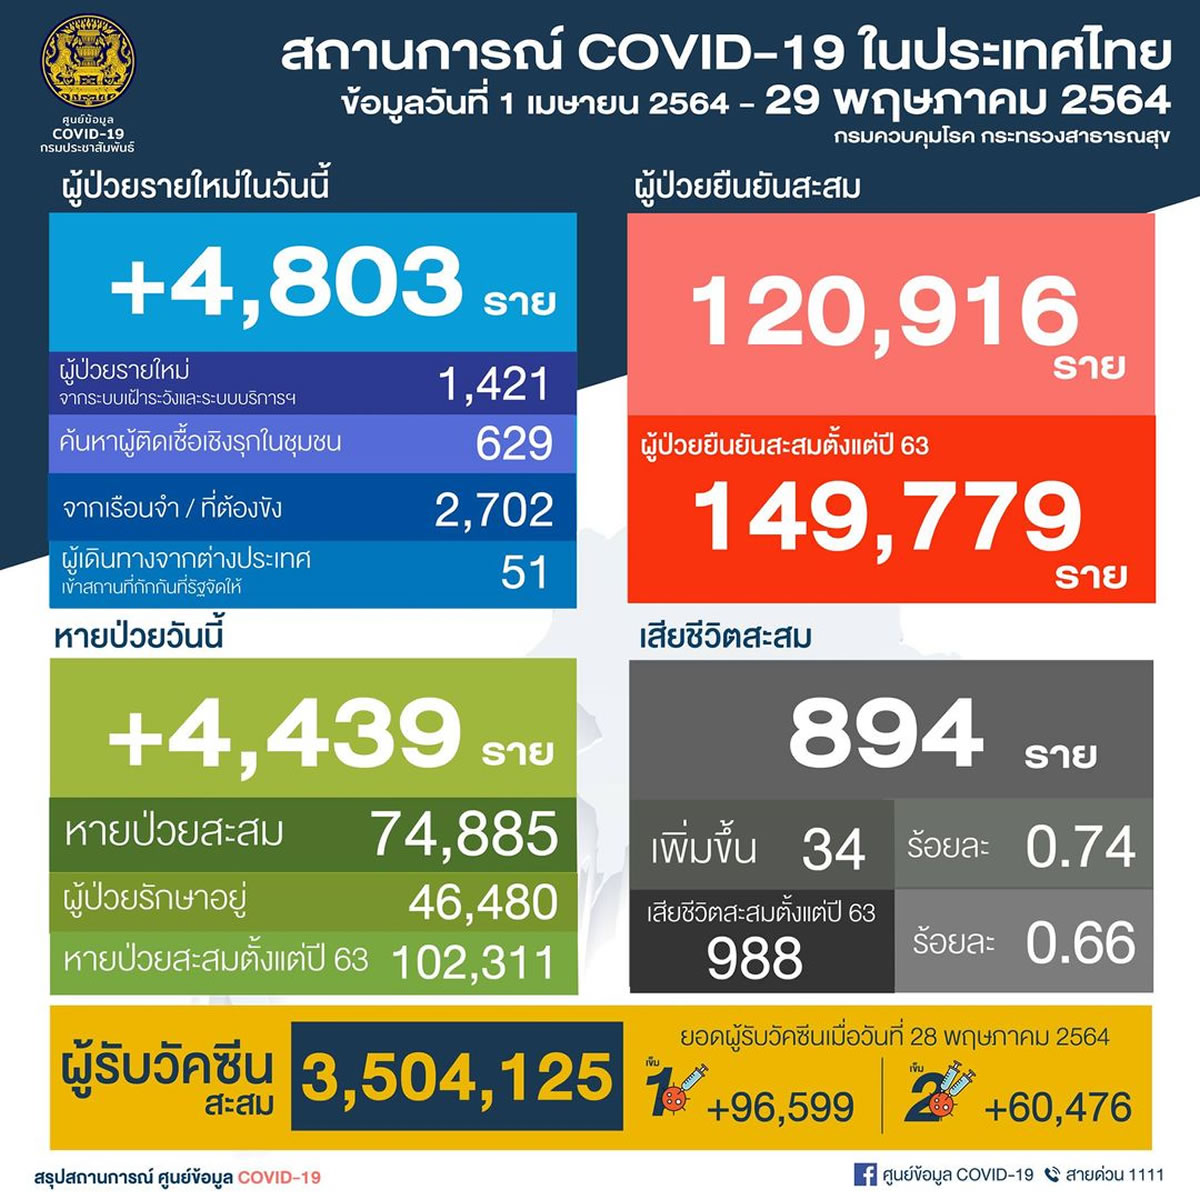 タイで新たに陽性4,803人/ バンコク都1054人/刑務所2,702人/死亡34人[2021年5月29日発表]